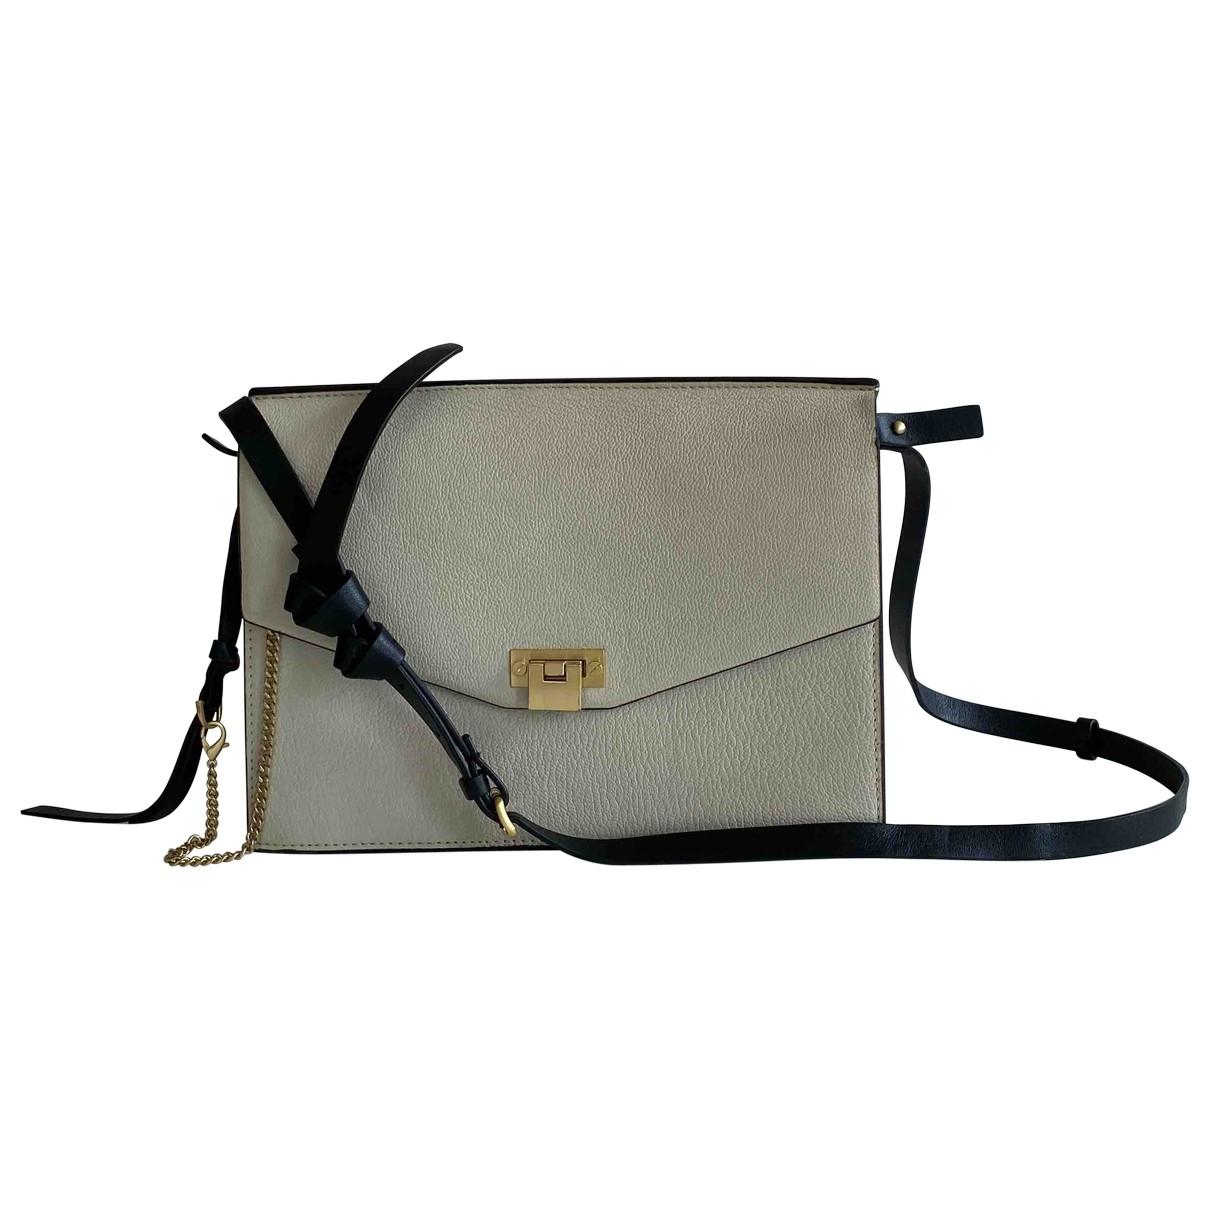 Reiss \N Handtasche in  Weiss Leder